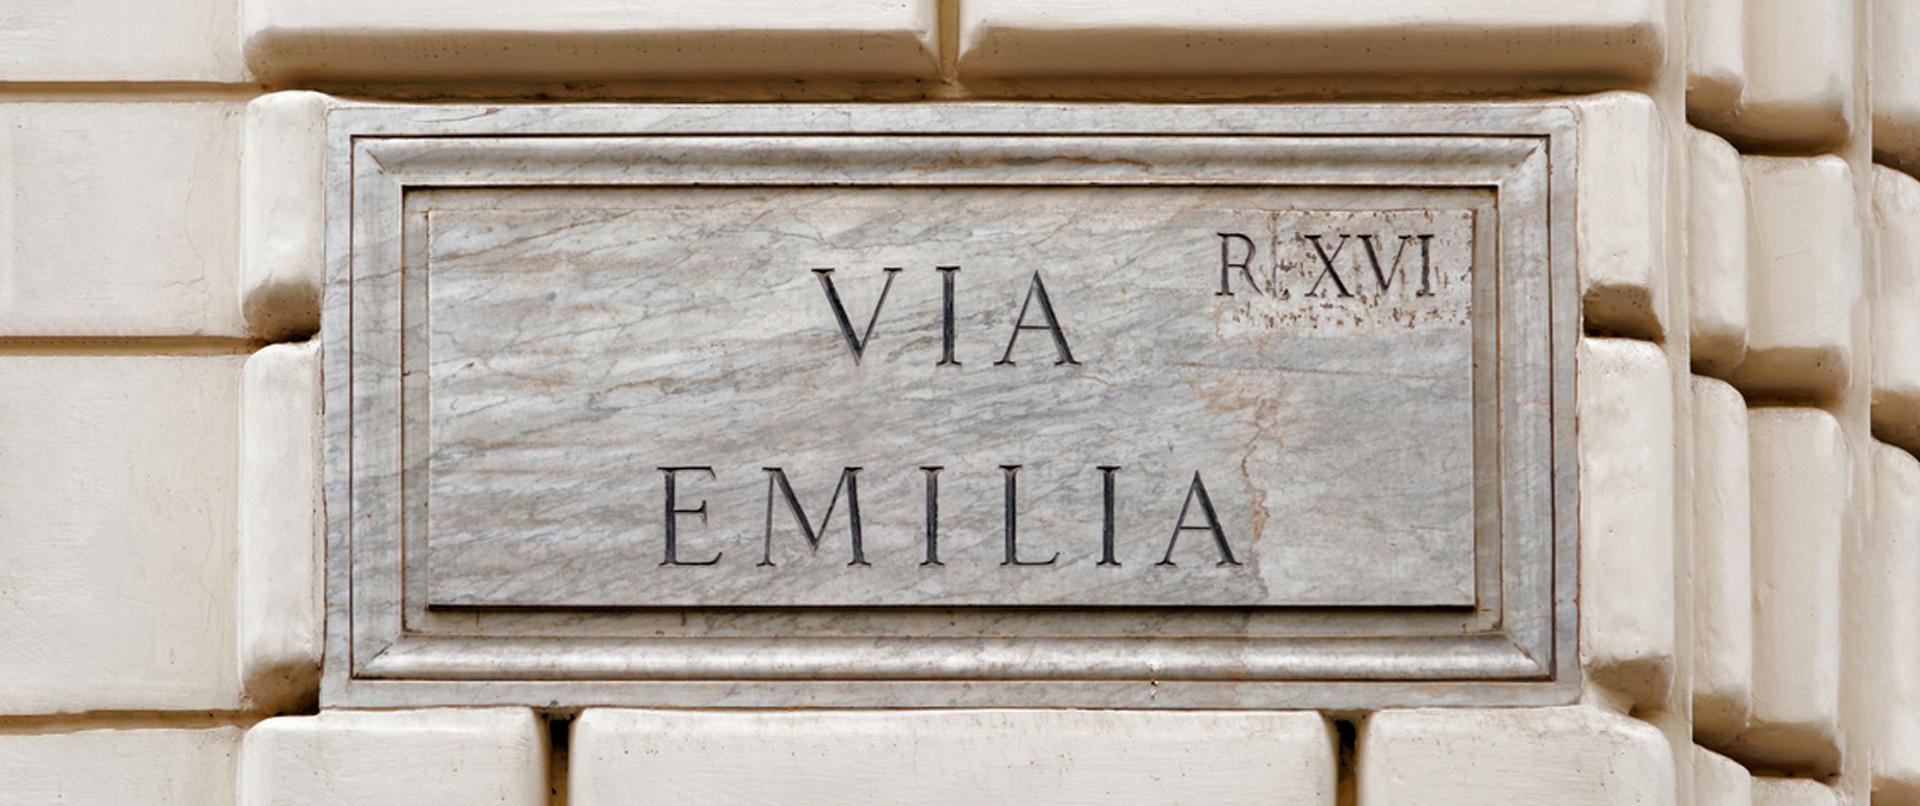 Hotel Parma Via Emilia Est con Relax e Benessere Parcheggio e Fitness Hotel Campus